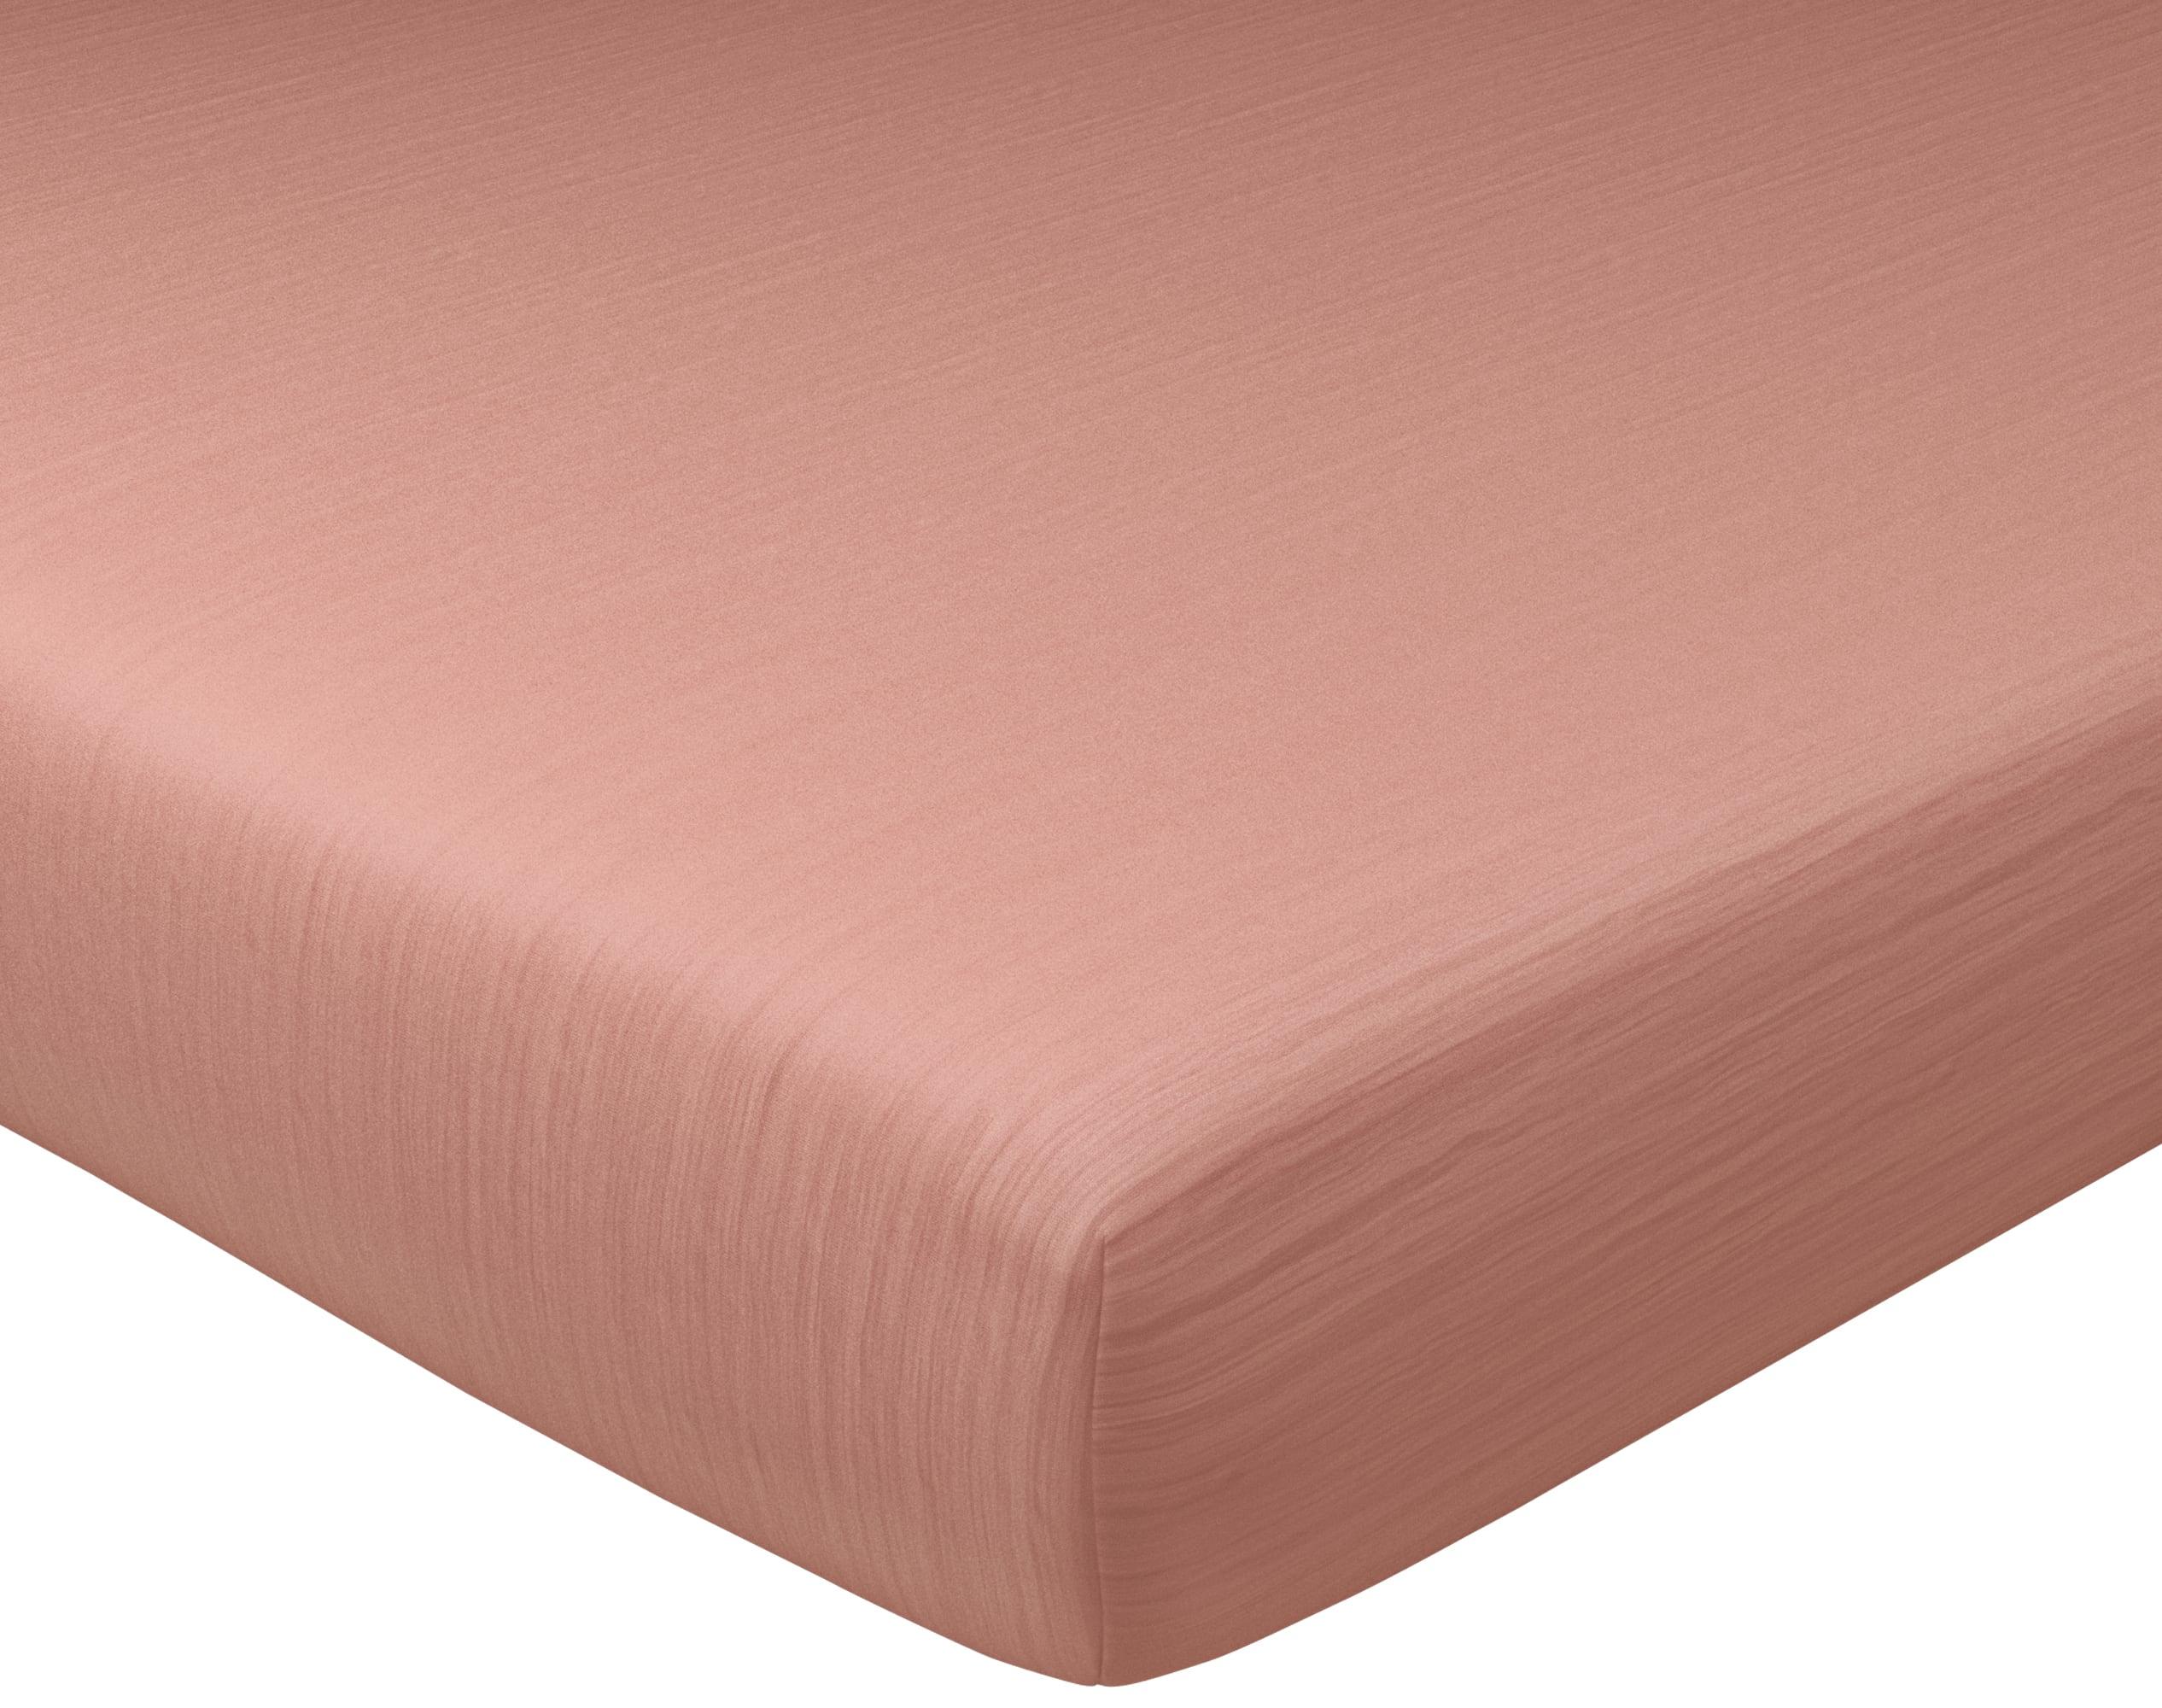 Drap-housse 90x200 en gaze de coton rose poudré